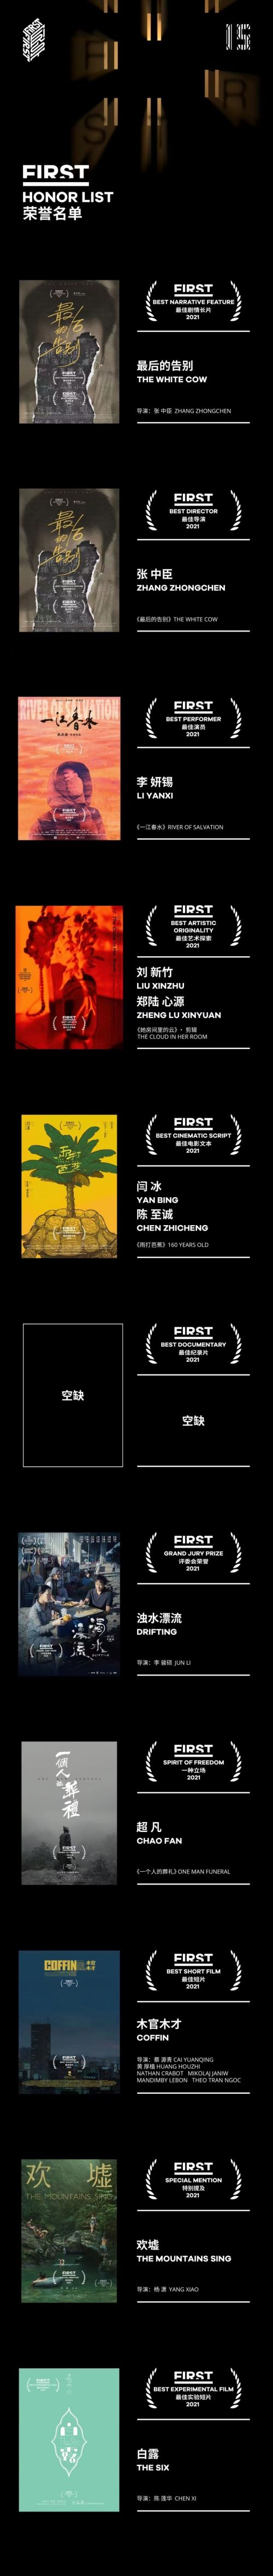 第15届FIRST青年电影展落幕 获奖名单公布